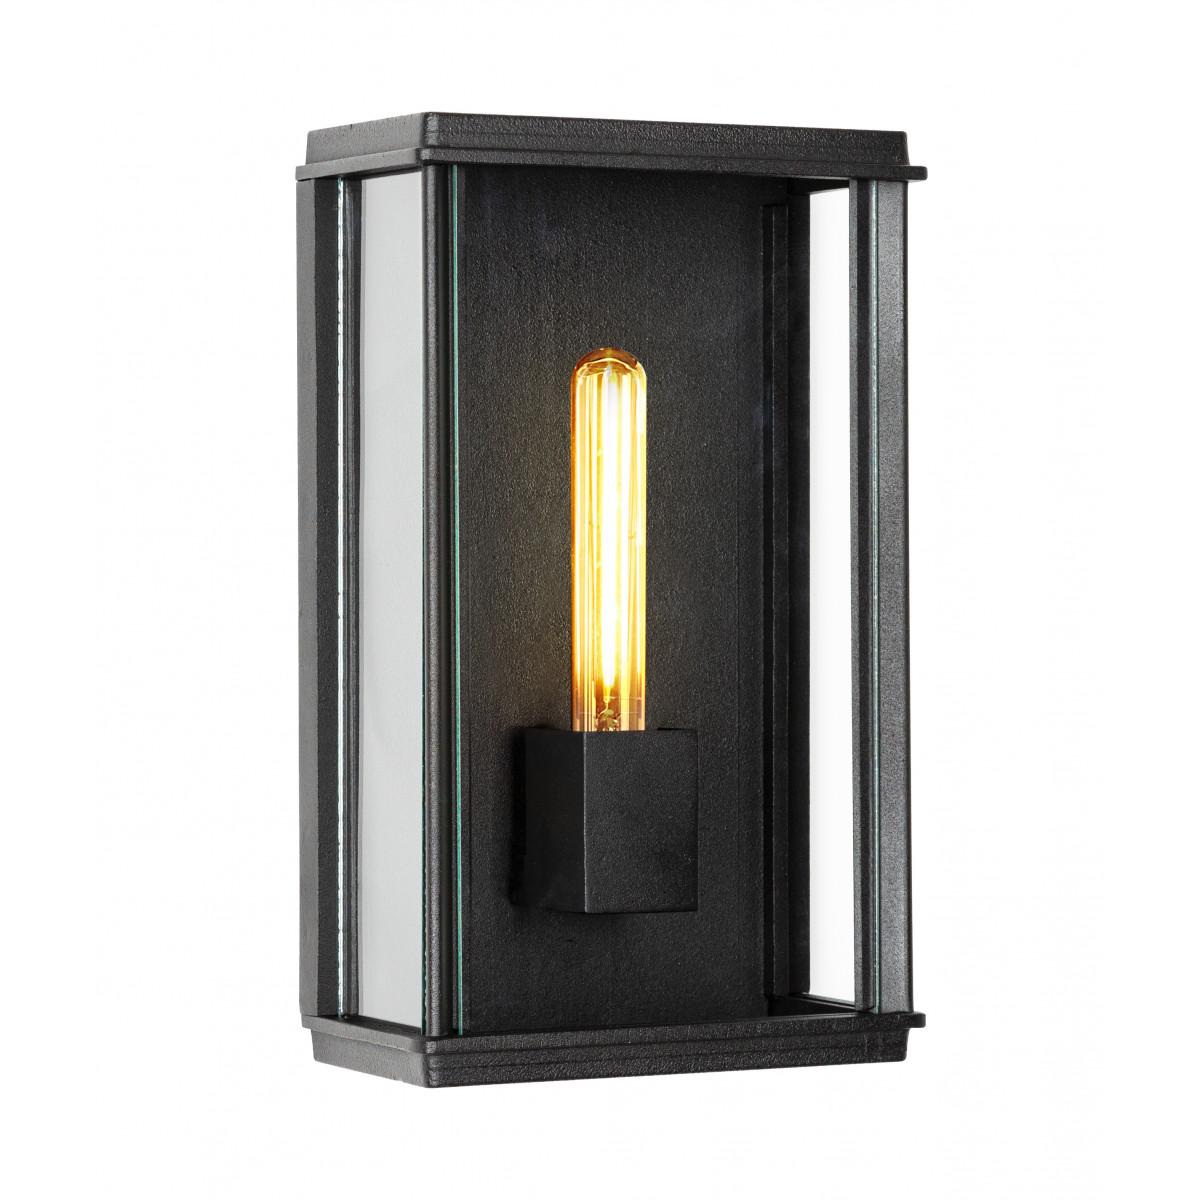 Vierkante stijlvolle zwarte buitenlamp Capital XL wandlamp plat exclusieve buitenverlichting van excellente kwaliteit, exclusieve verlichting voor buiten